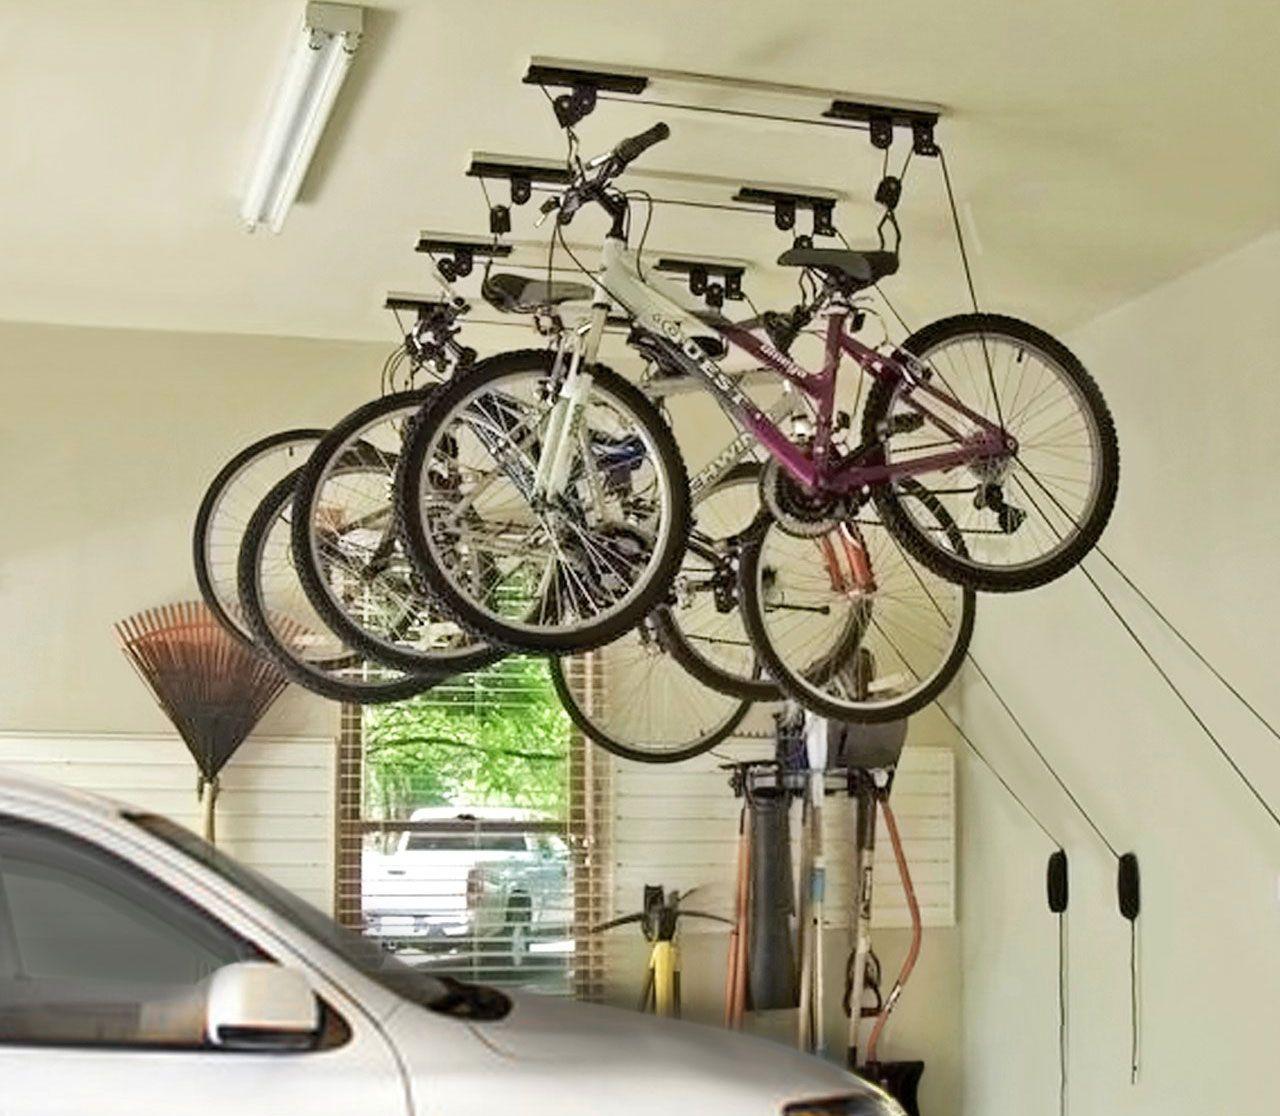 Fixation Pour Velo Garage support lève vélo de plafond + fixations et crochet